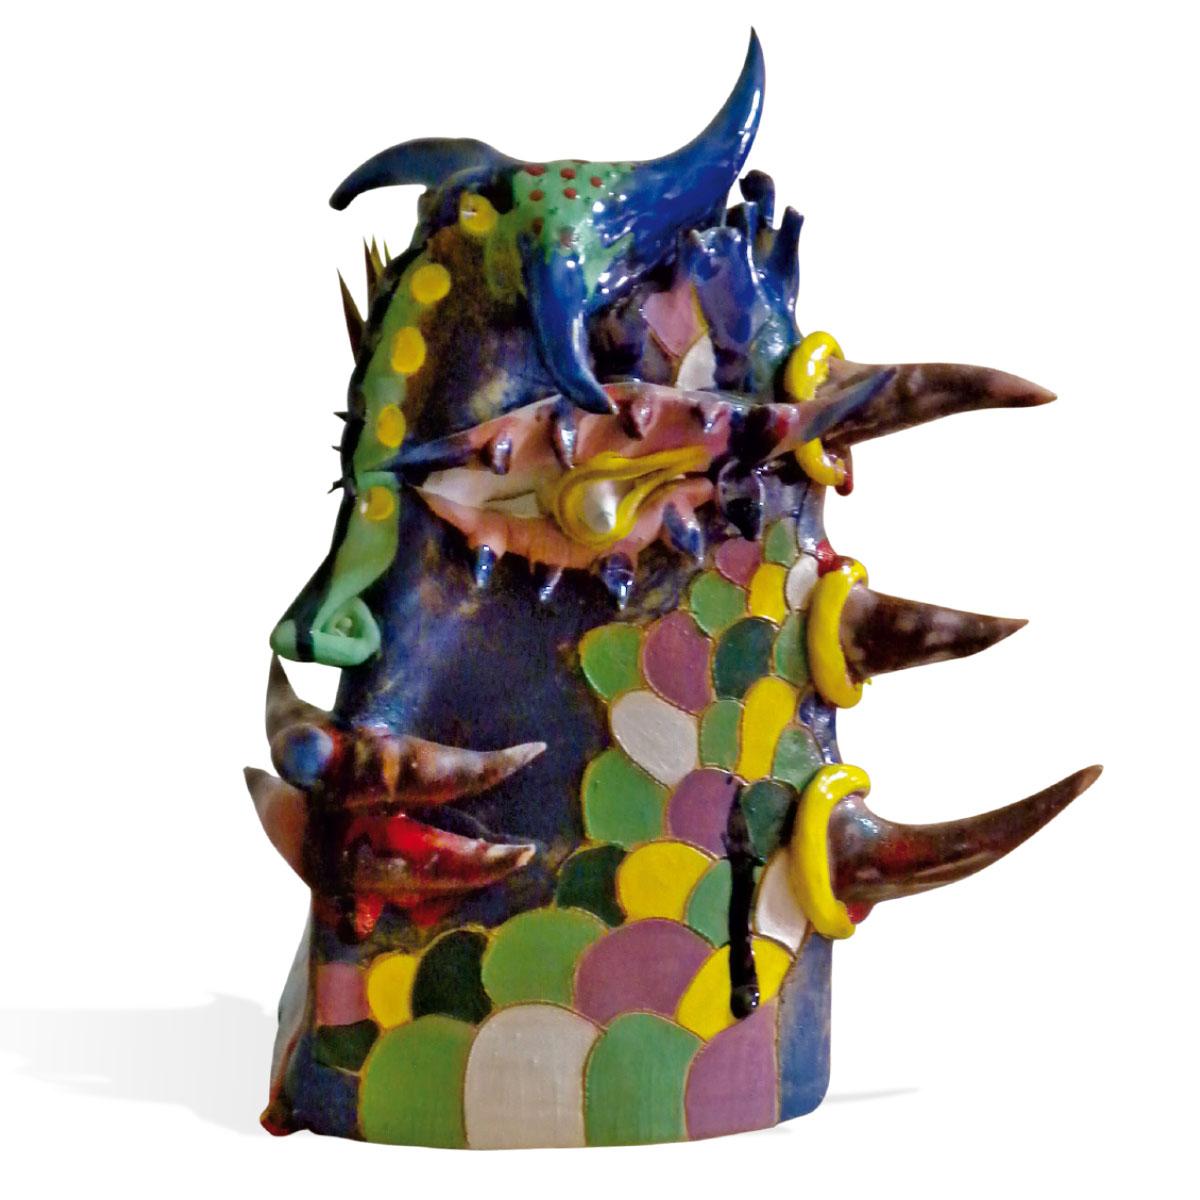 L'opera dell'artista Paolo Anselmo acquisita dal Museo a cielo aperto di Denice, dedicato alla ceramica contemporanea